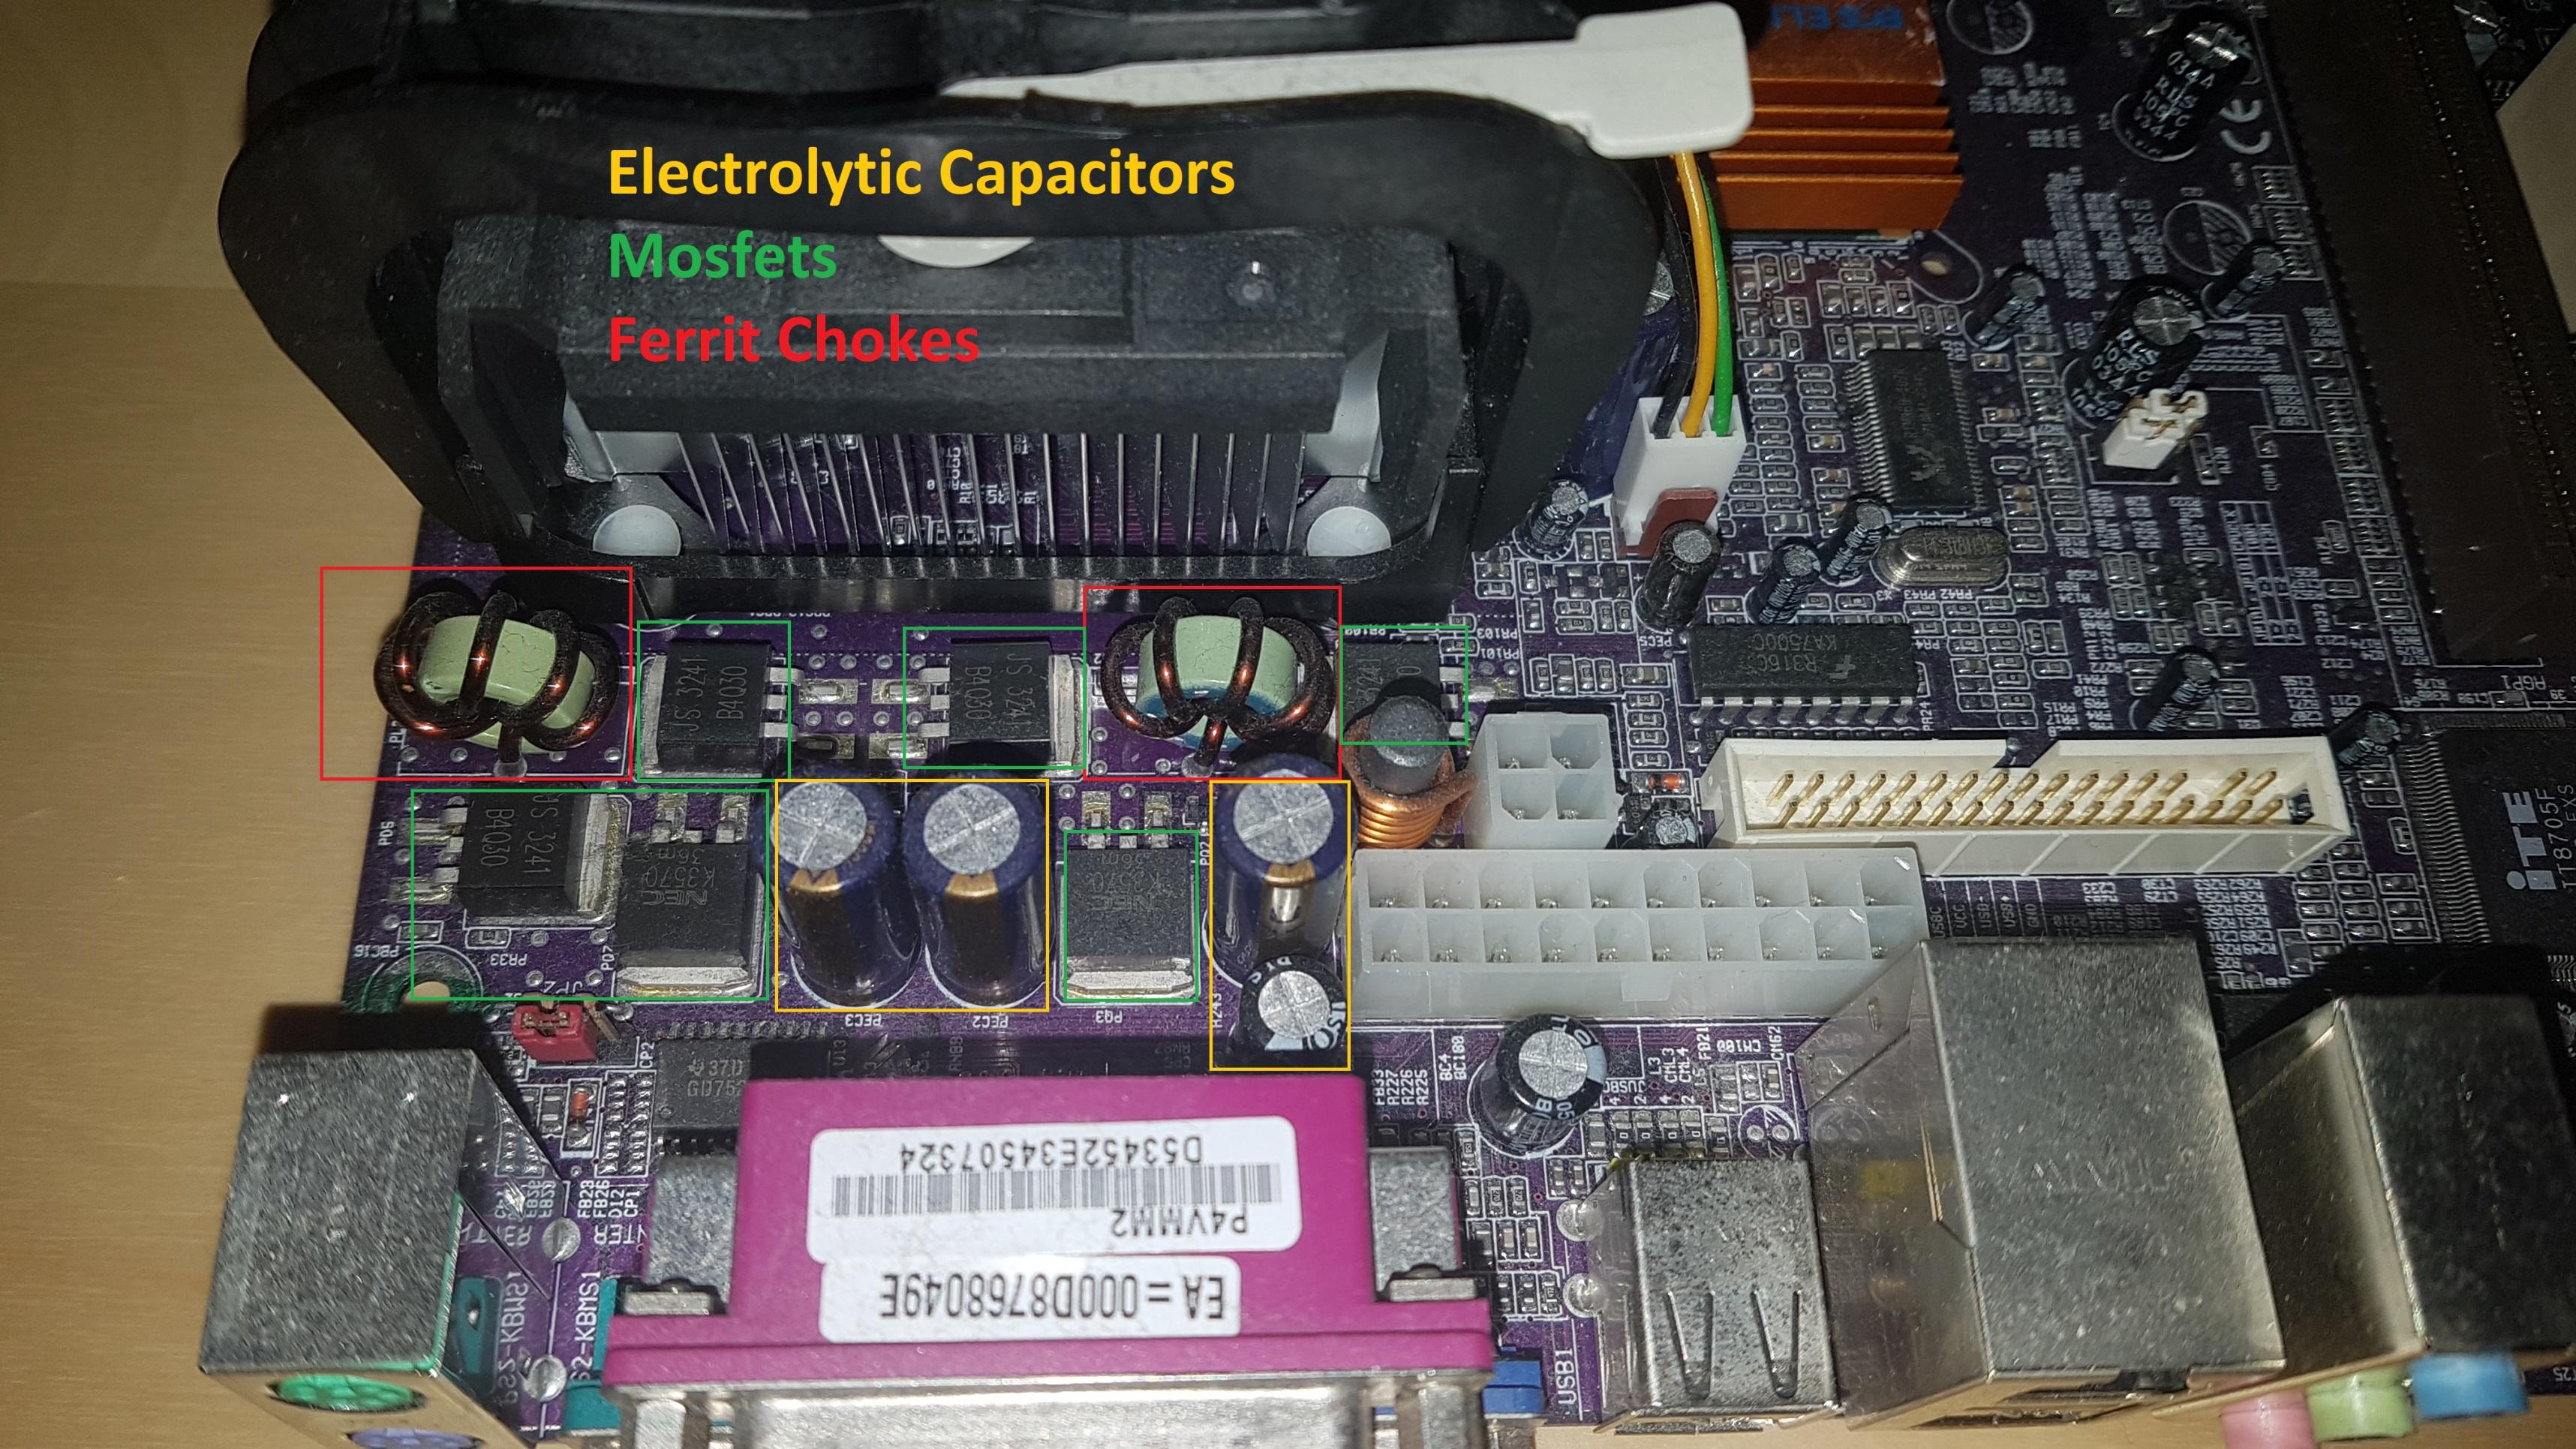 Klicken Sie auf die Grafik für eine größere Ansicht  Name:Pentium 4 Board.jpg Hits:47 Größe:2,14 MB ID:984368